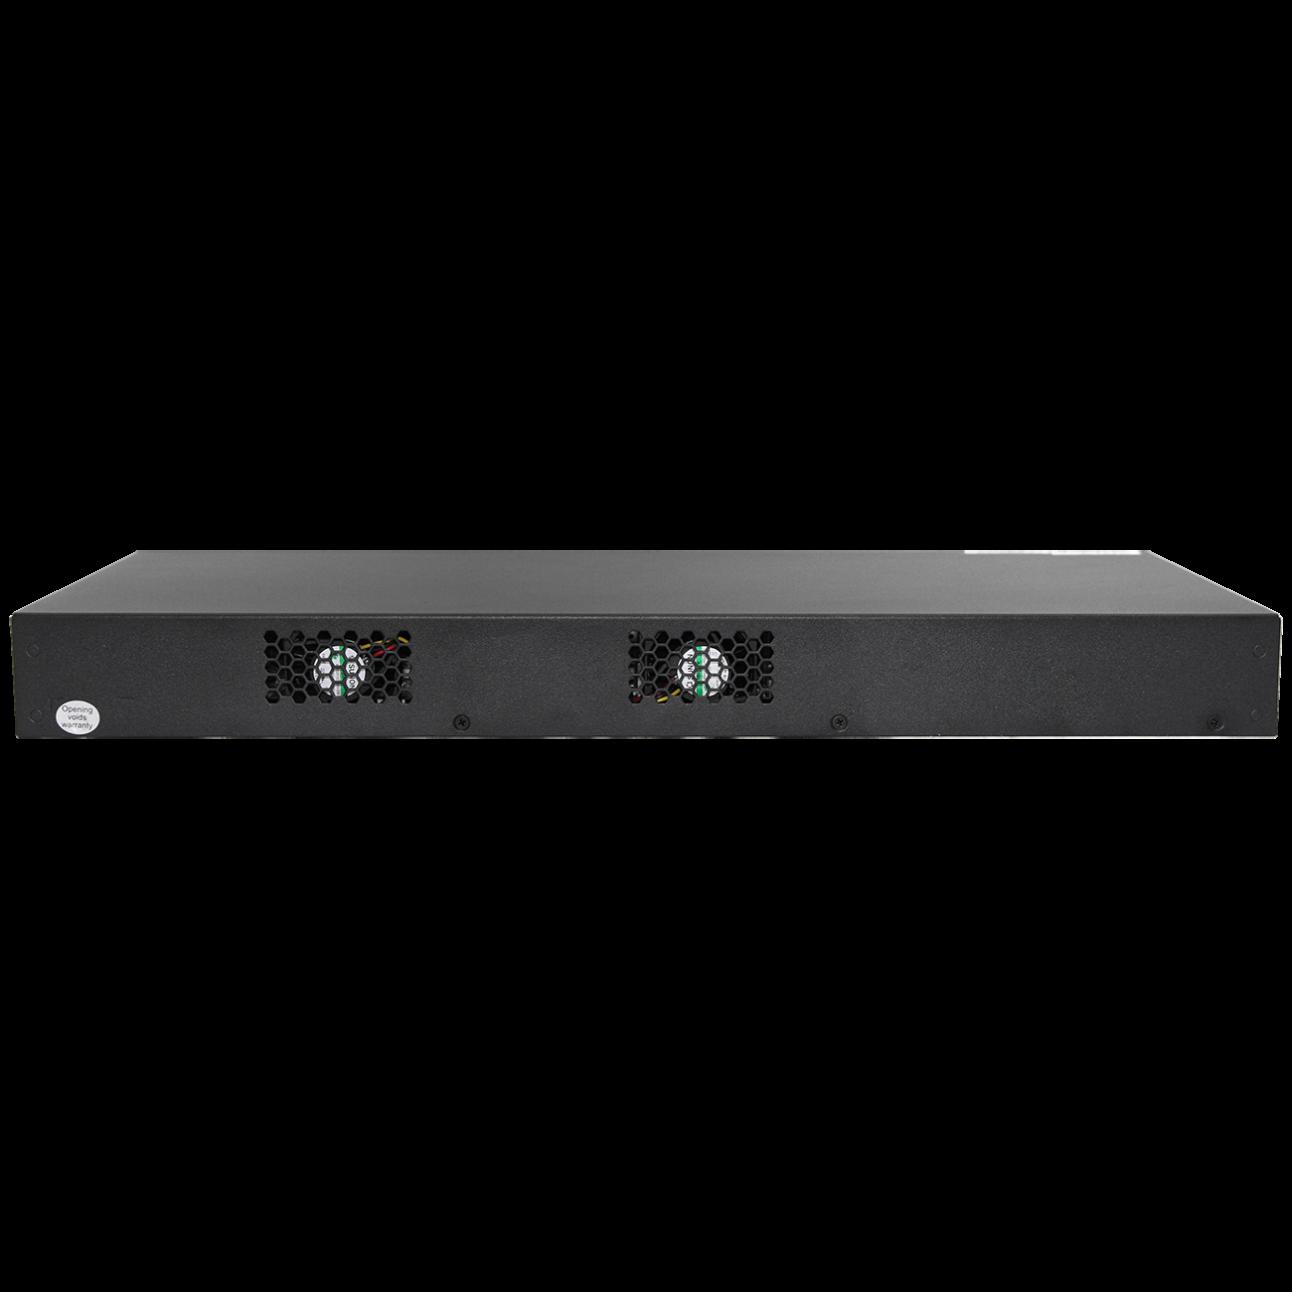 Управляемый коммутатор уровня 2+ SNR-S2990G-24FX